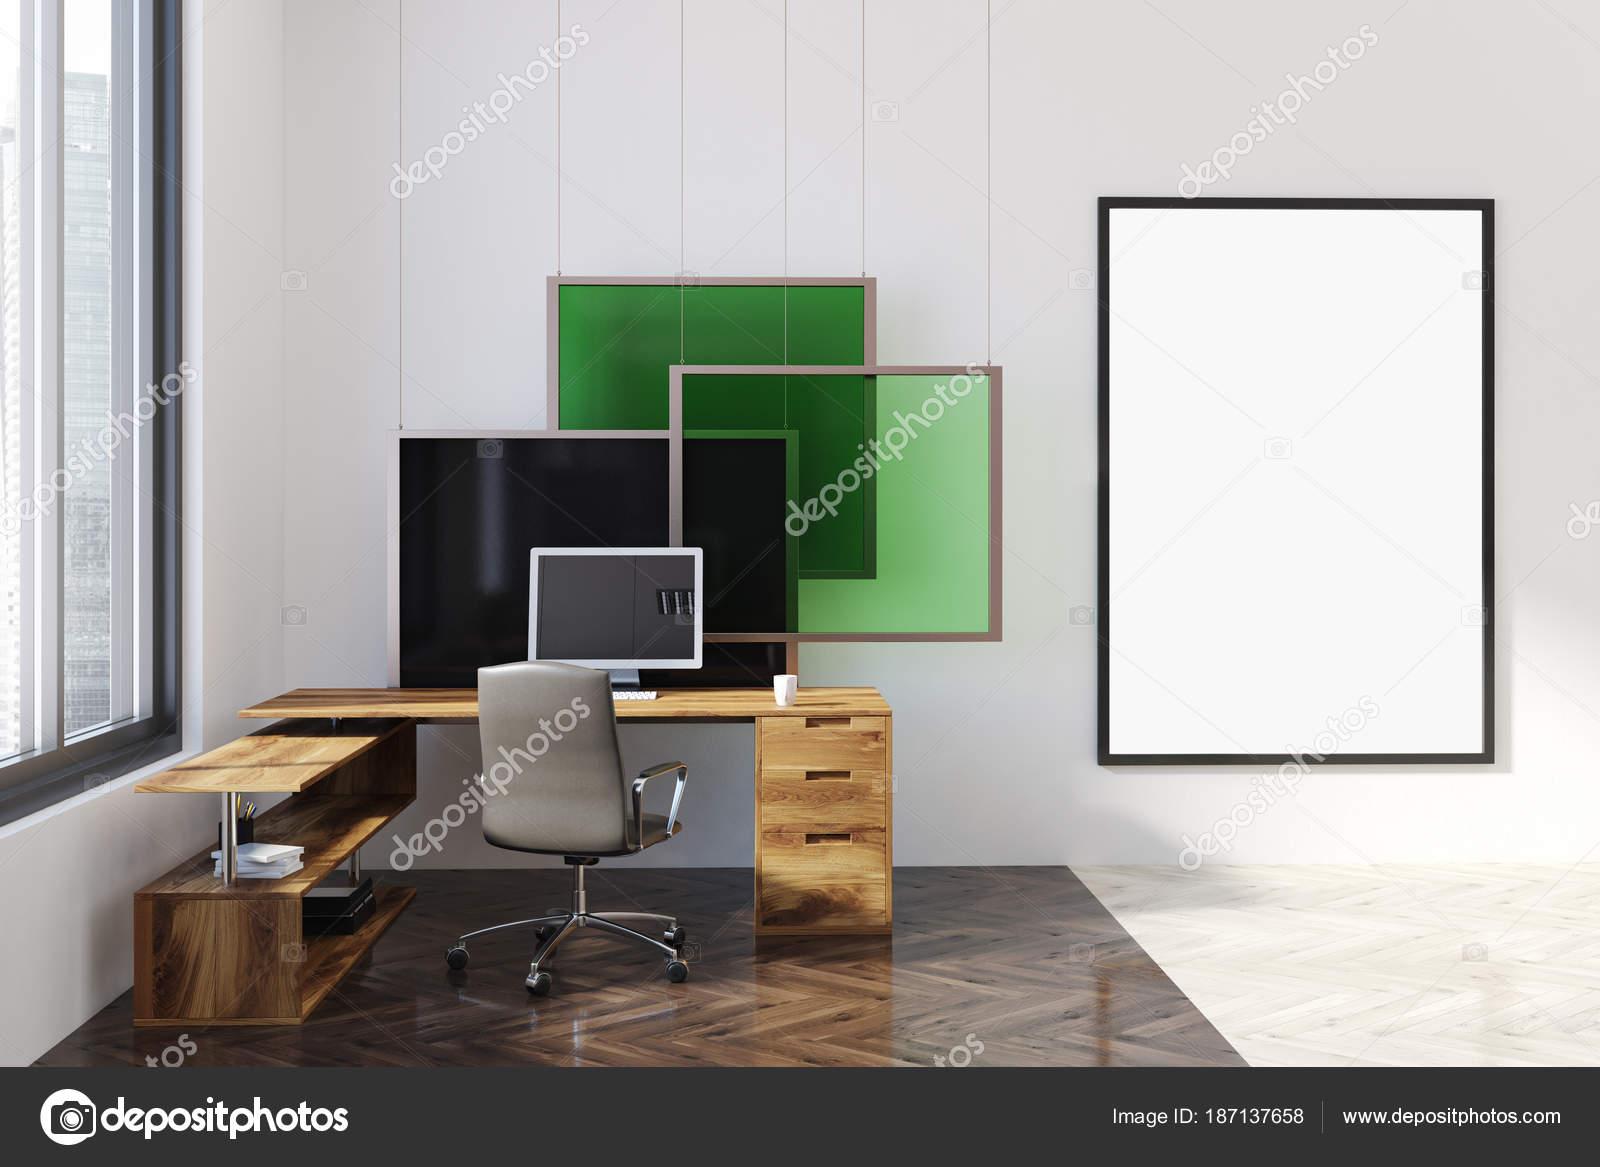 Modern Office Room Art